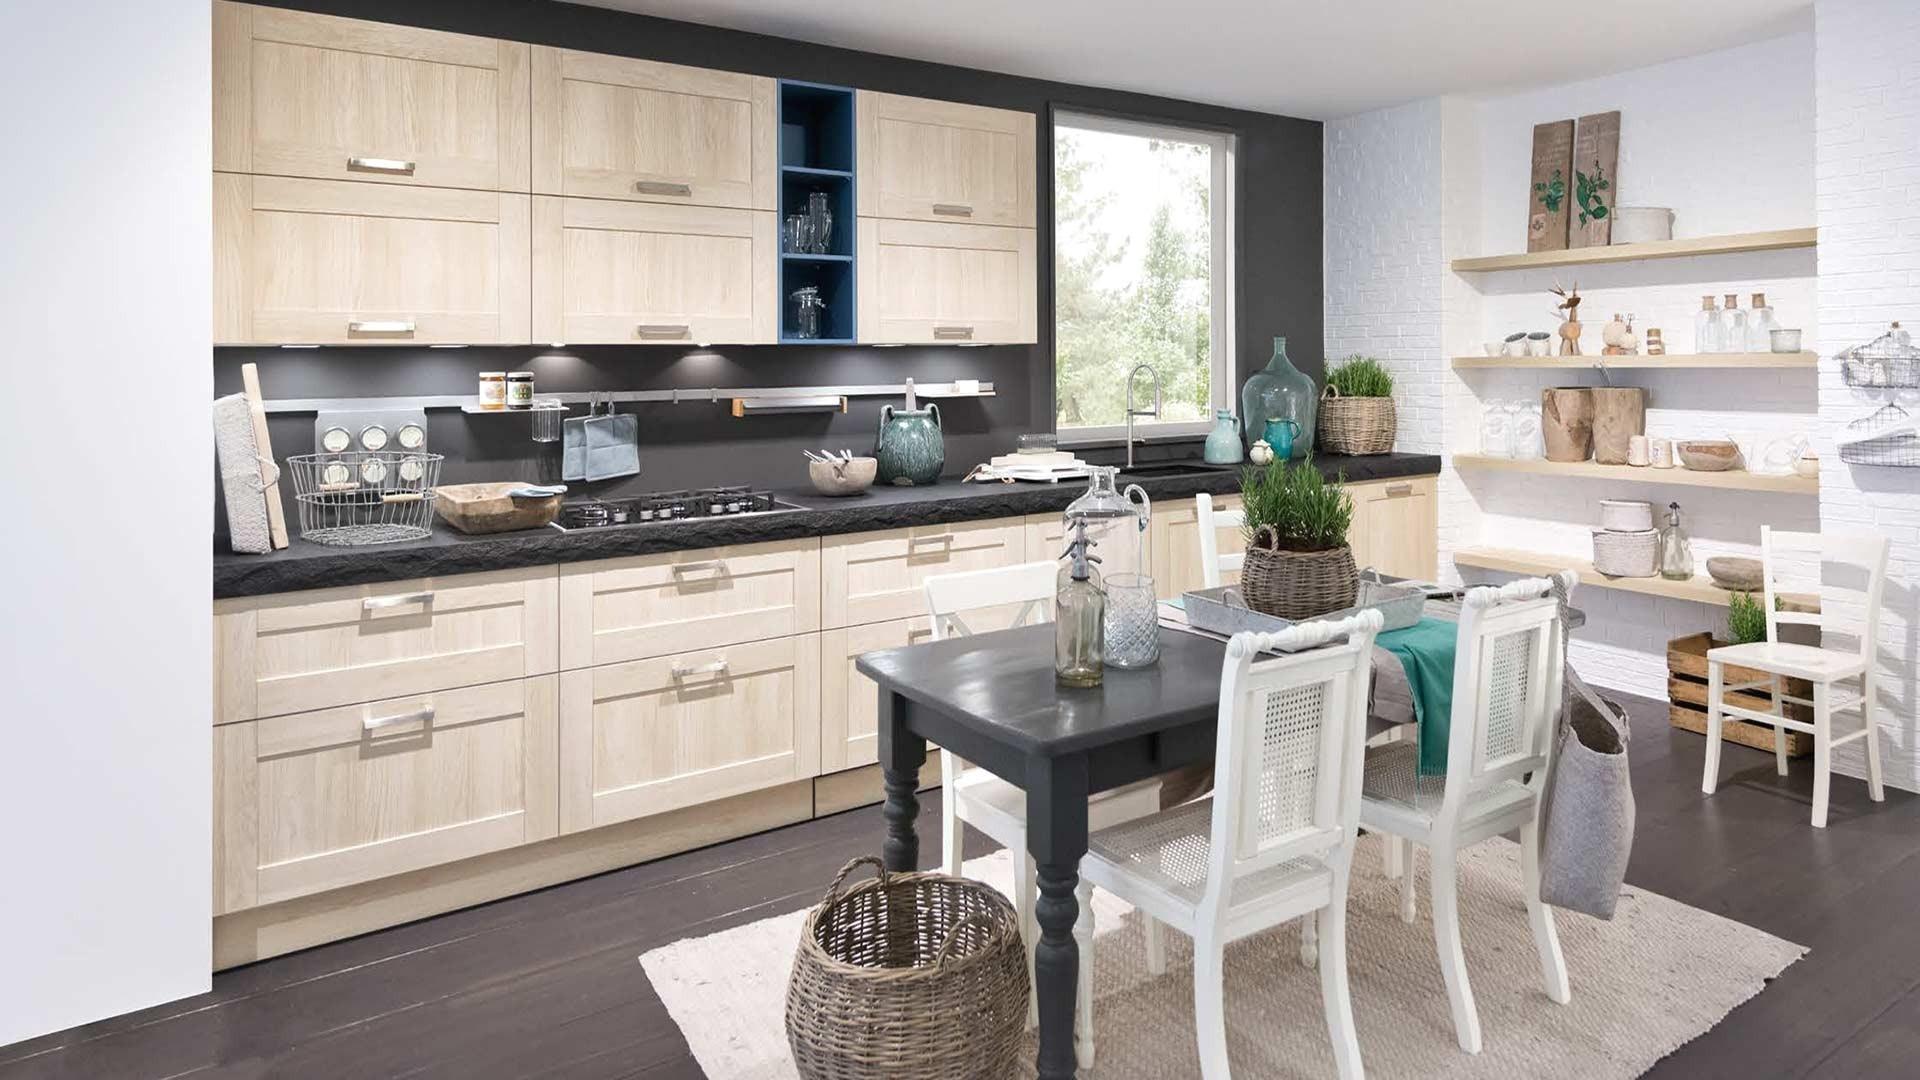 ikea style kitchen